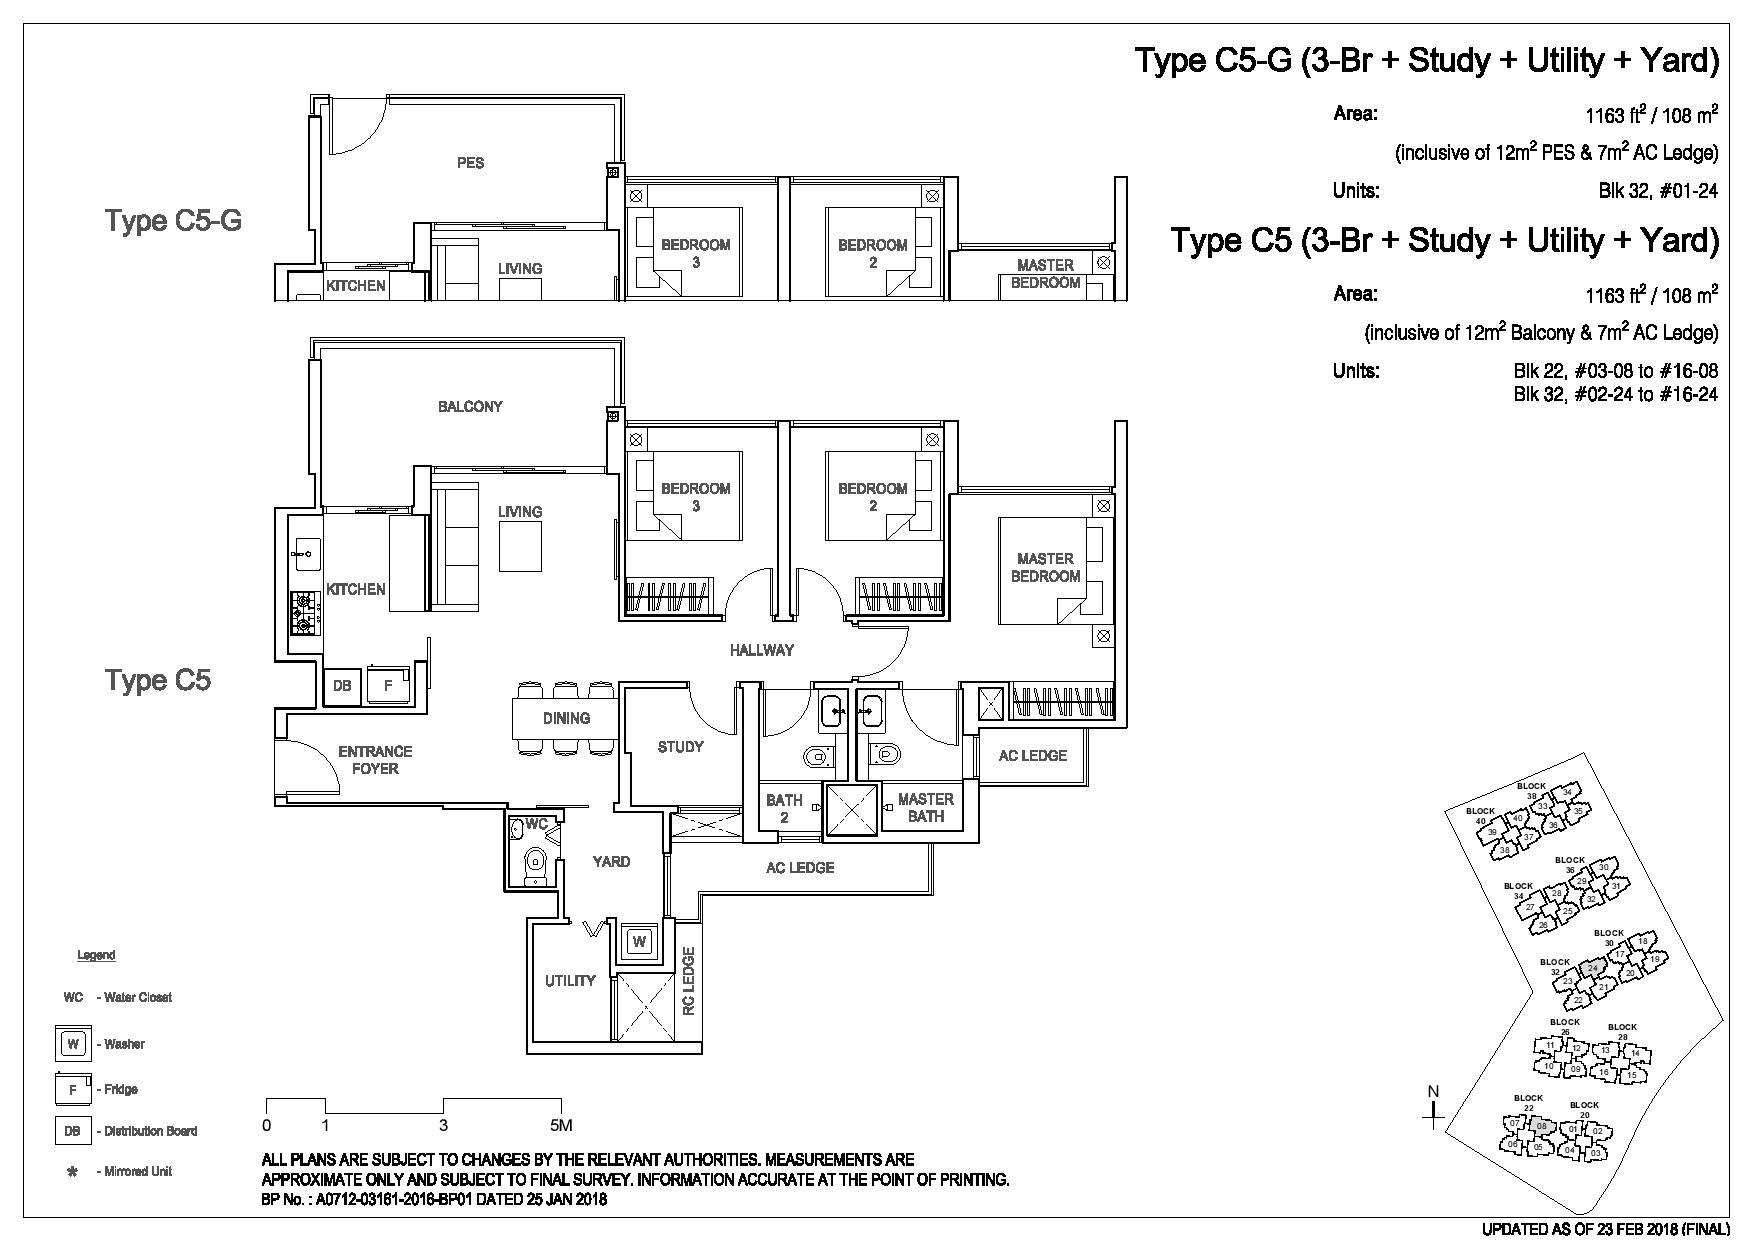 3 Bedroom Type C5